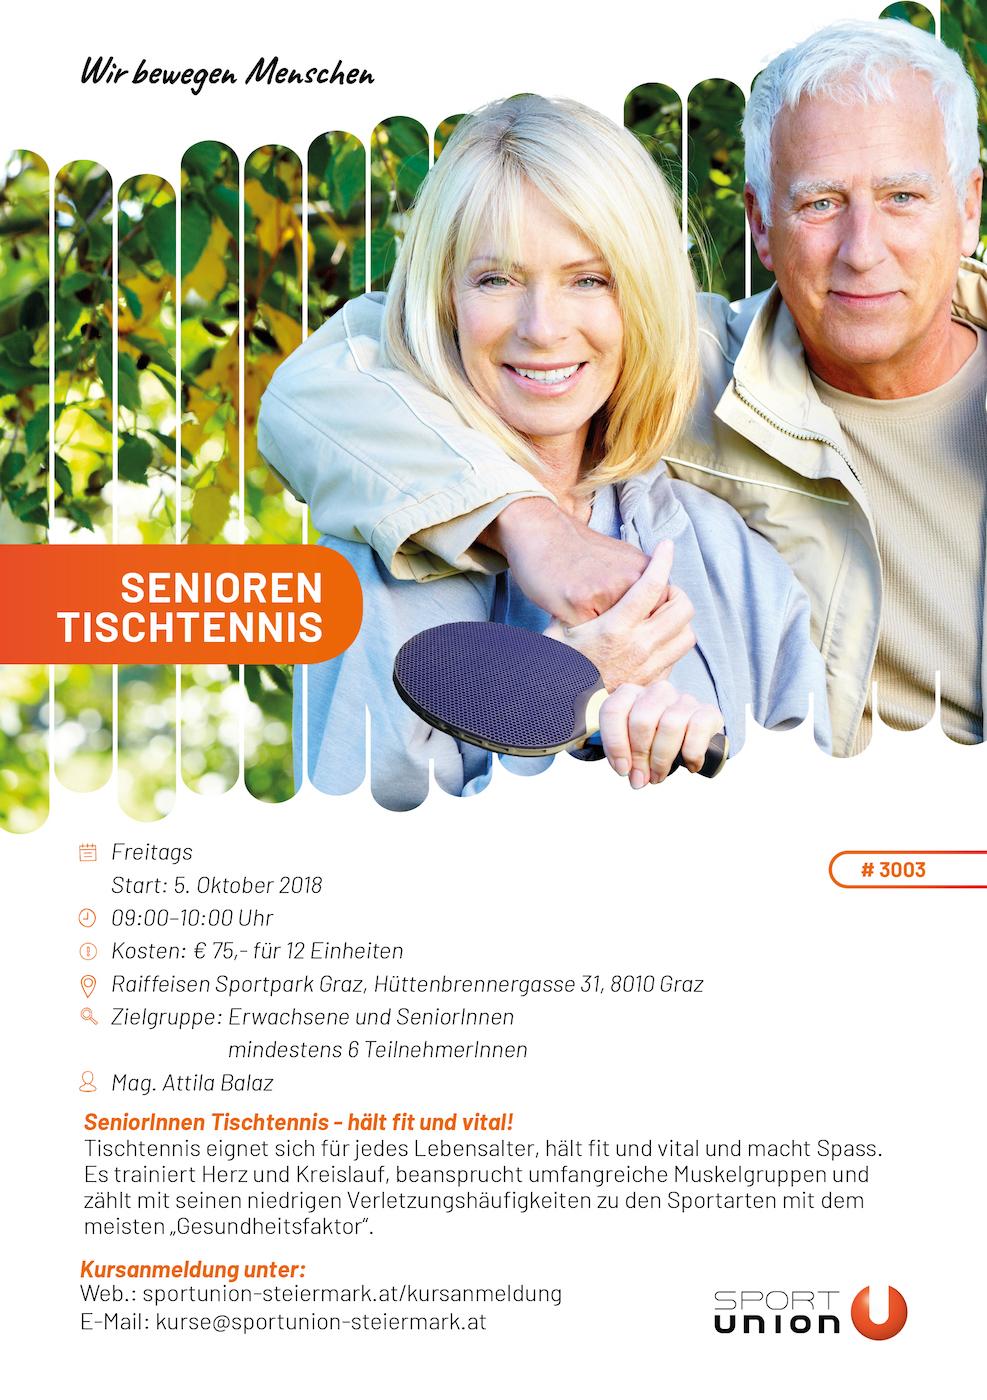 Senioren Tischtennis- - Raiffeisen Sportpark